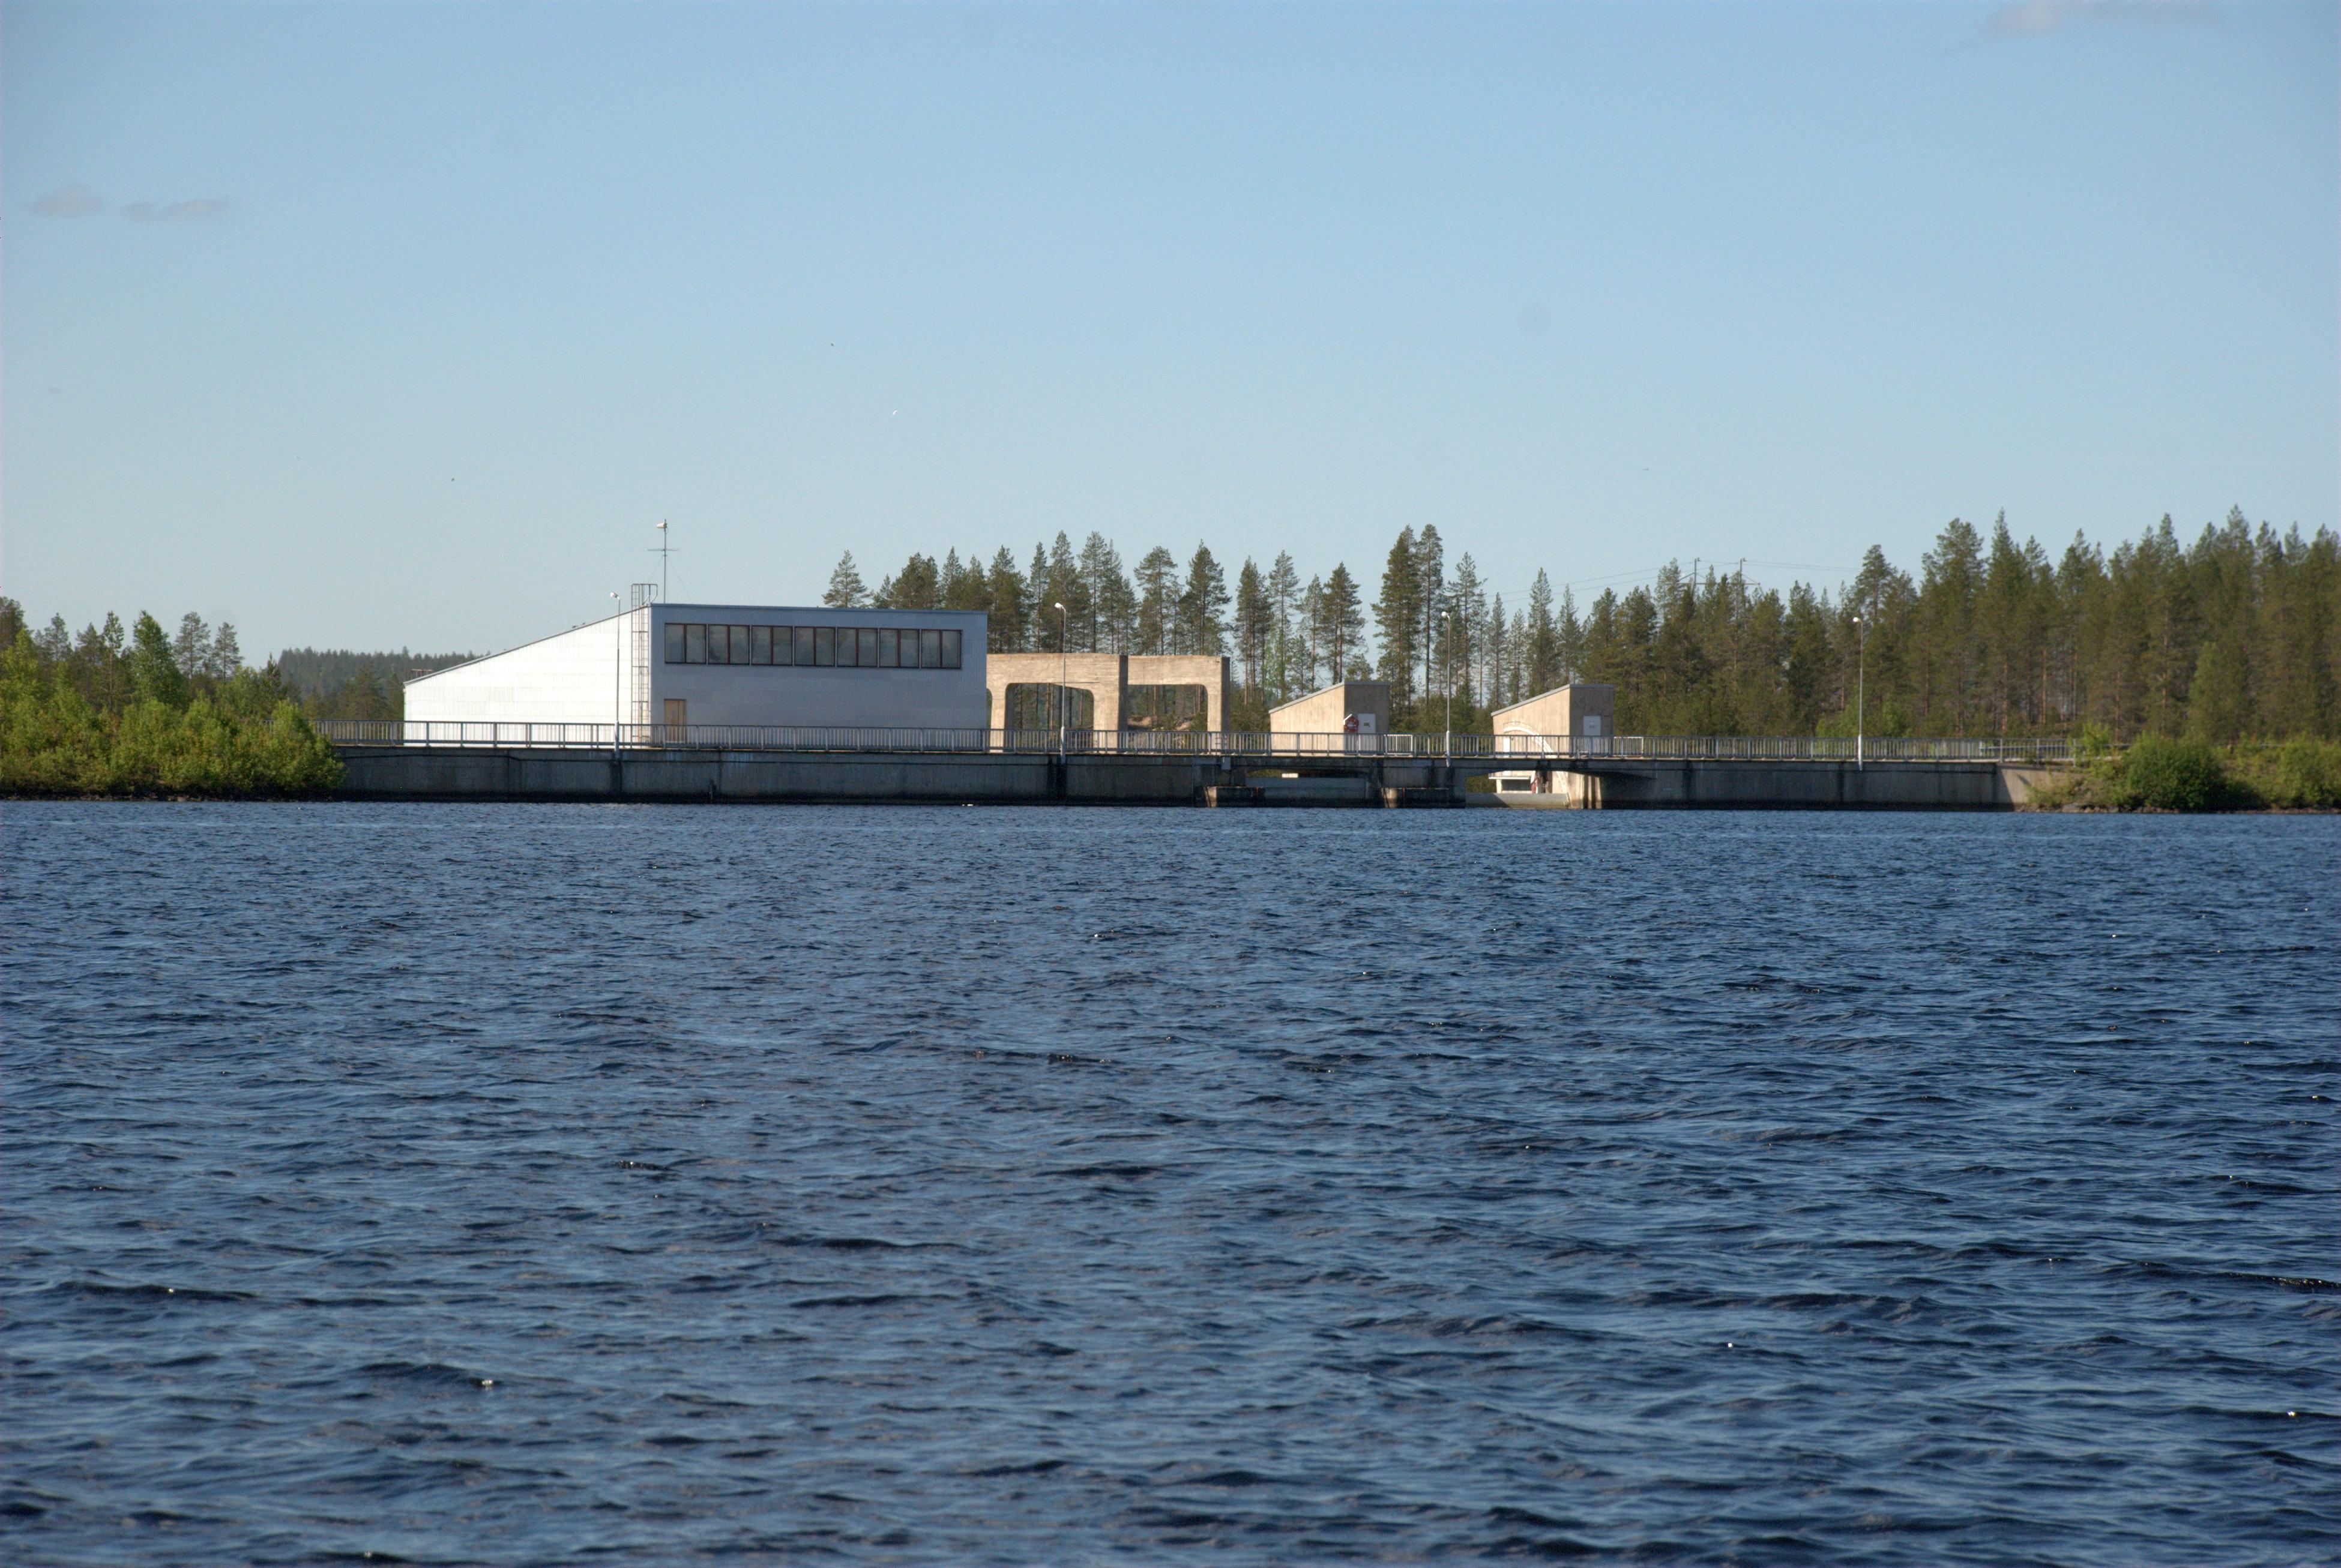 Aittokosken vesivoimalaitos